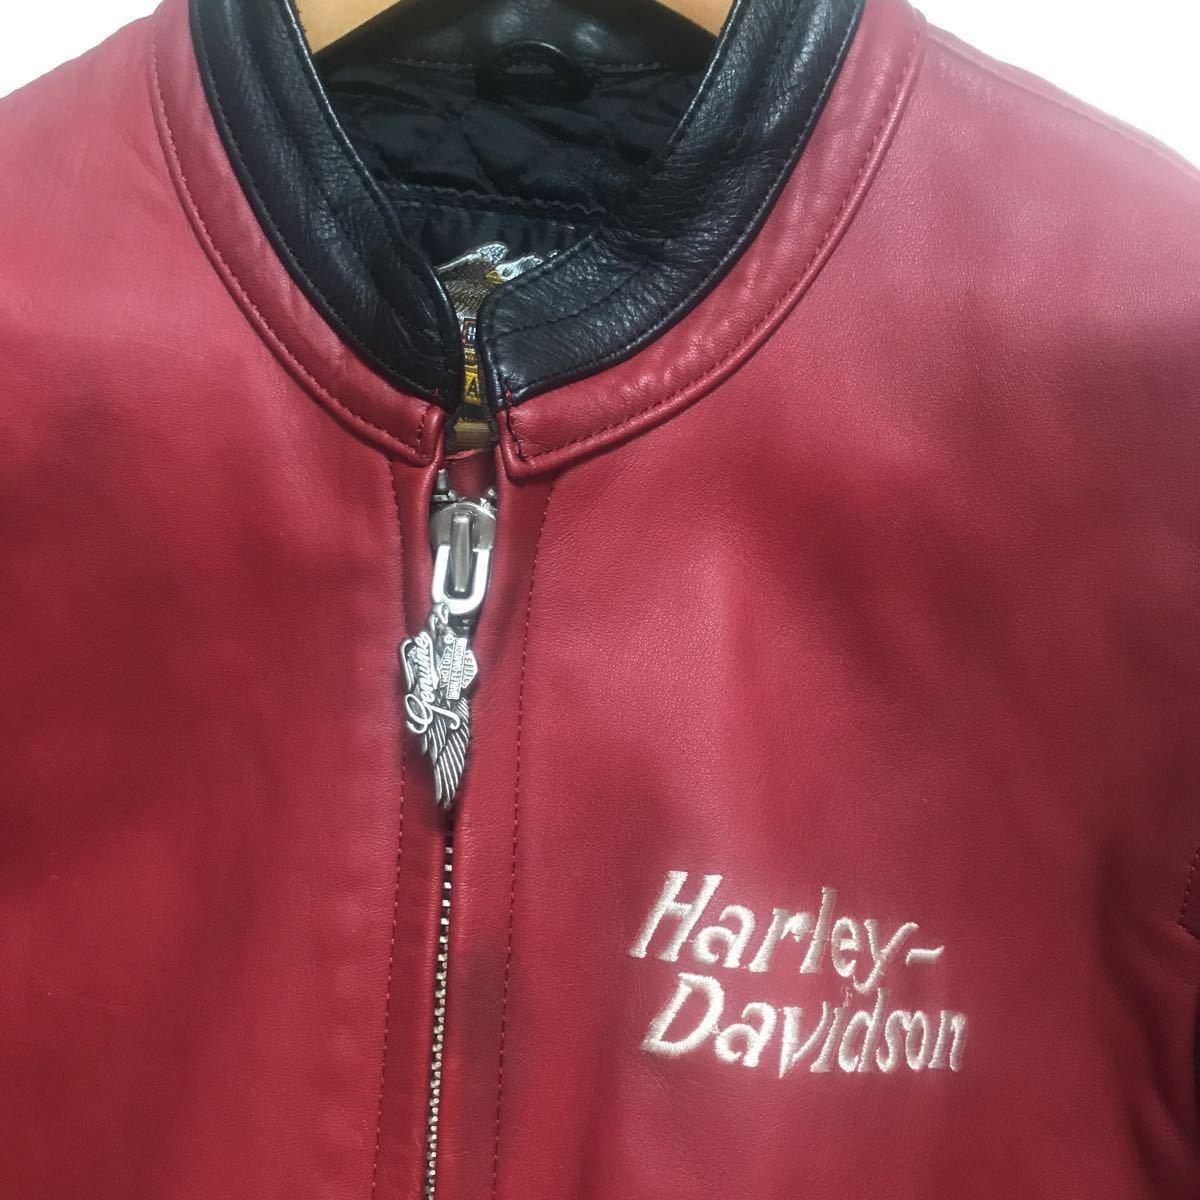 ハーレーダビッドソン ライダースジャケット レザー S 赤黒 牛革_画像4